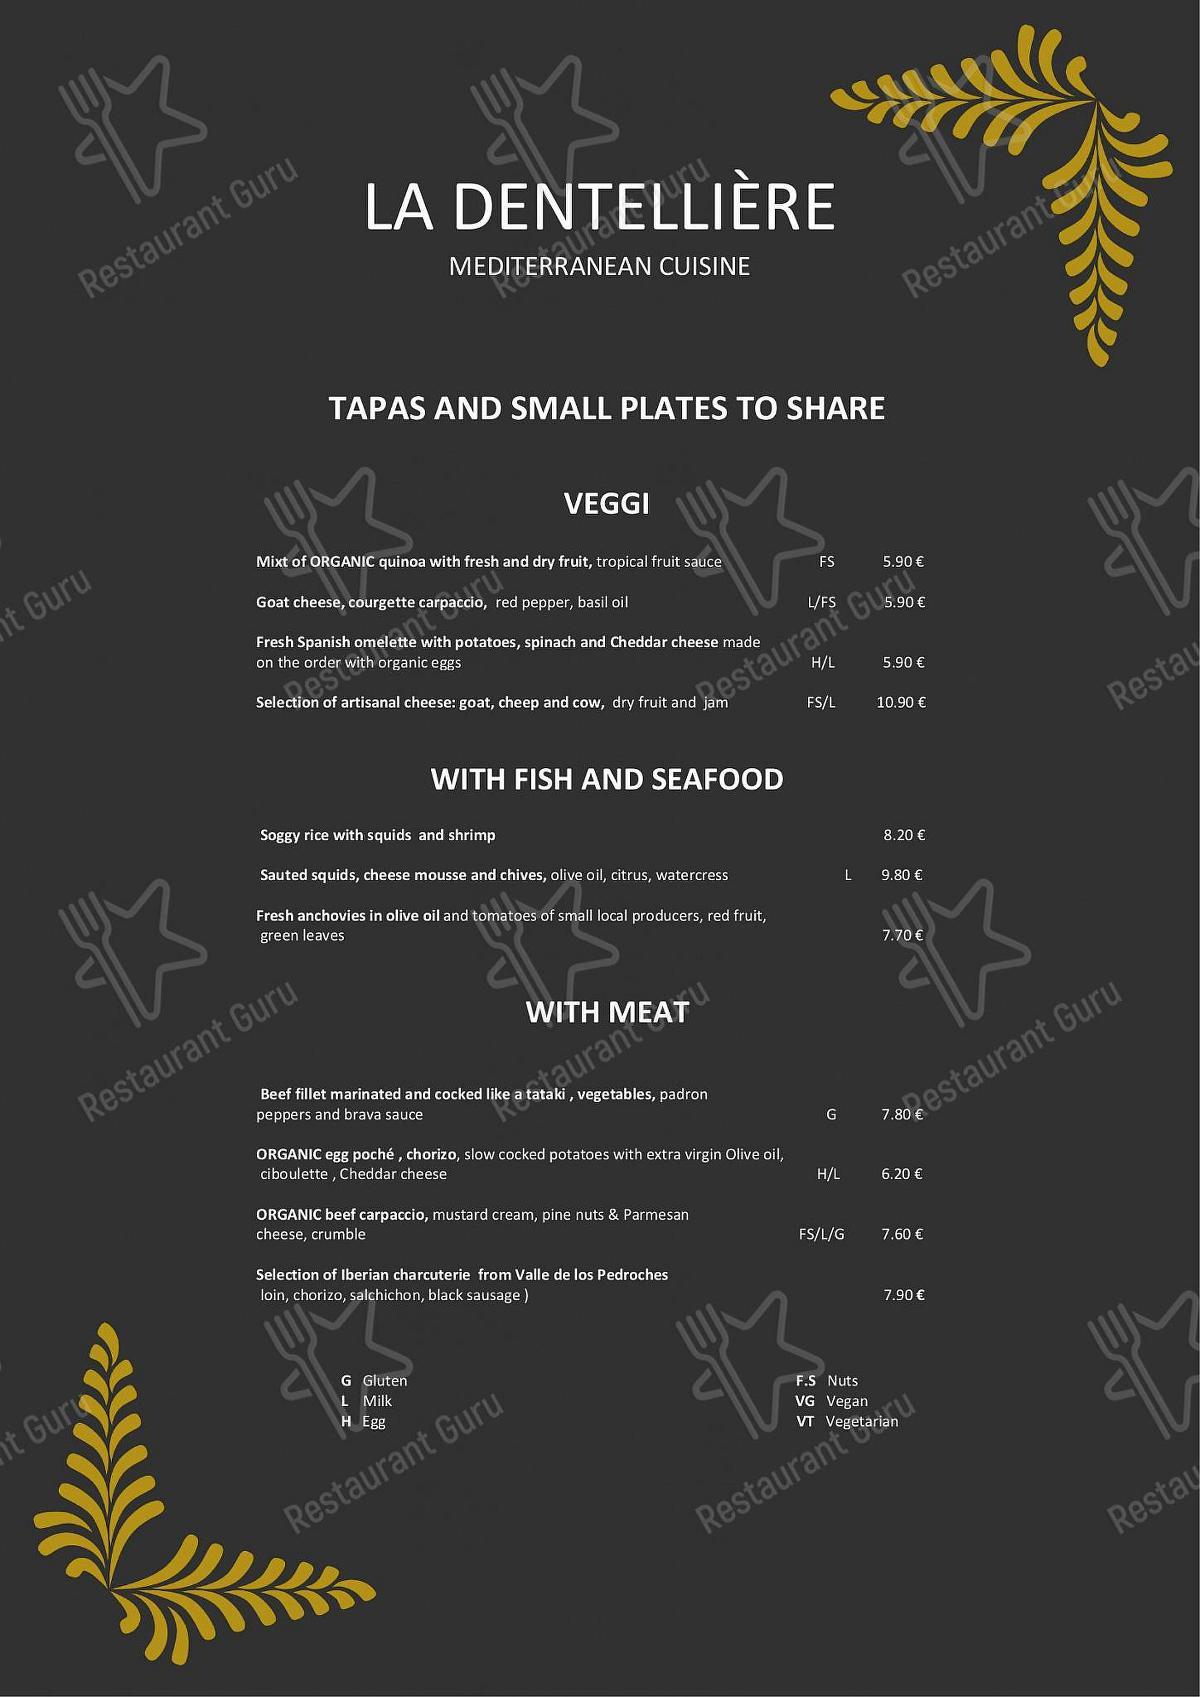 La Dentellière menu - meals and drinks